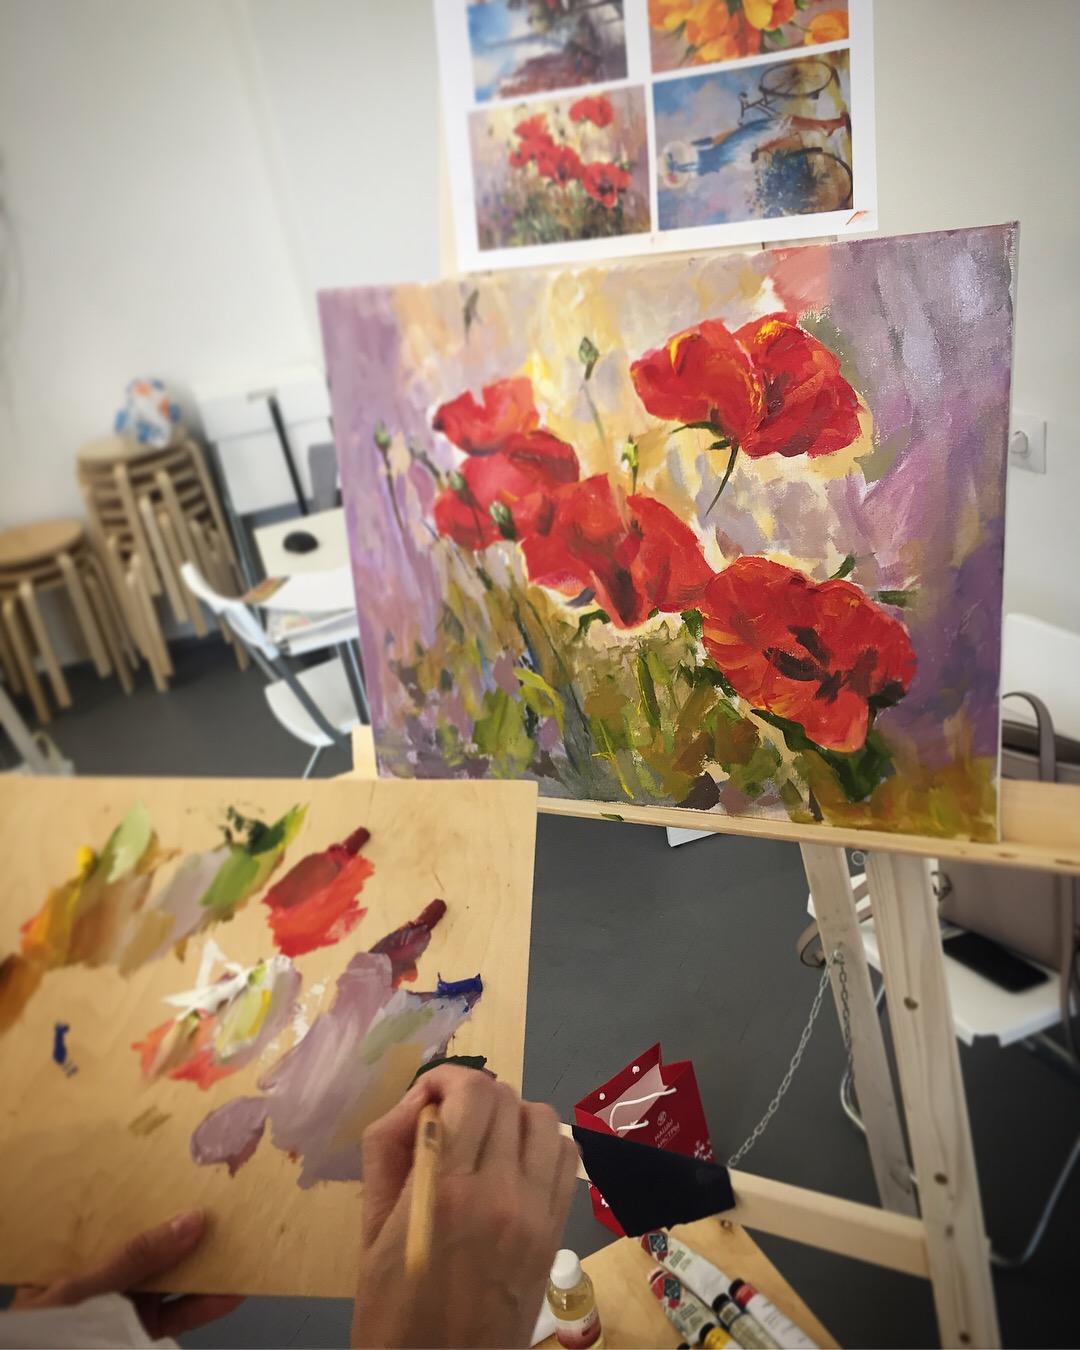 Школа рисунка: пробное занятие бесплатно (0 руб), абонементы от 12,38 руб/занятие в арт-студии Ирины Брежневой